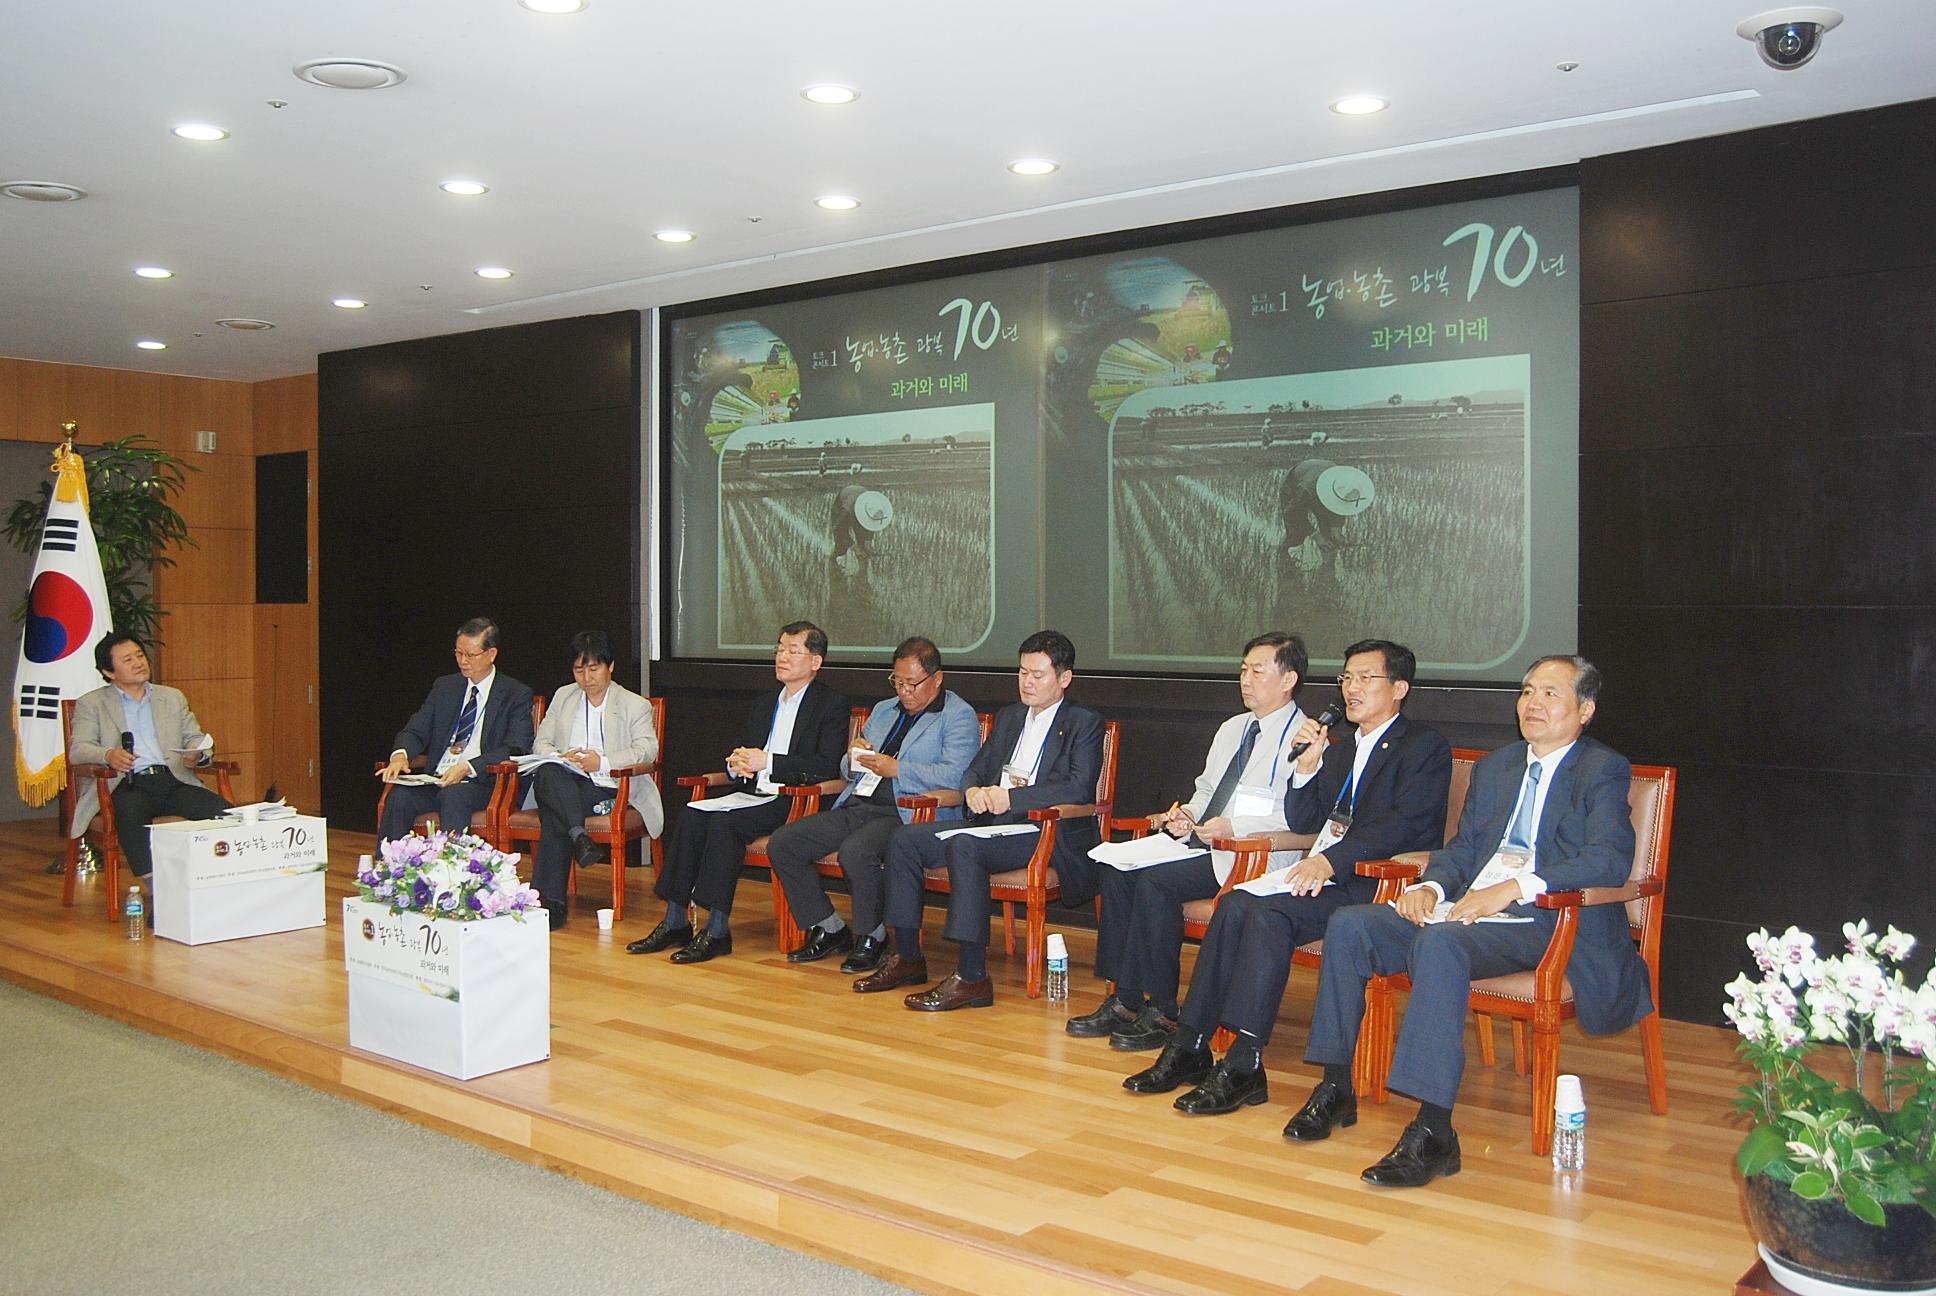 농업농촌 광복 70주년 토크콘서트 참석 [이미지]